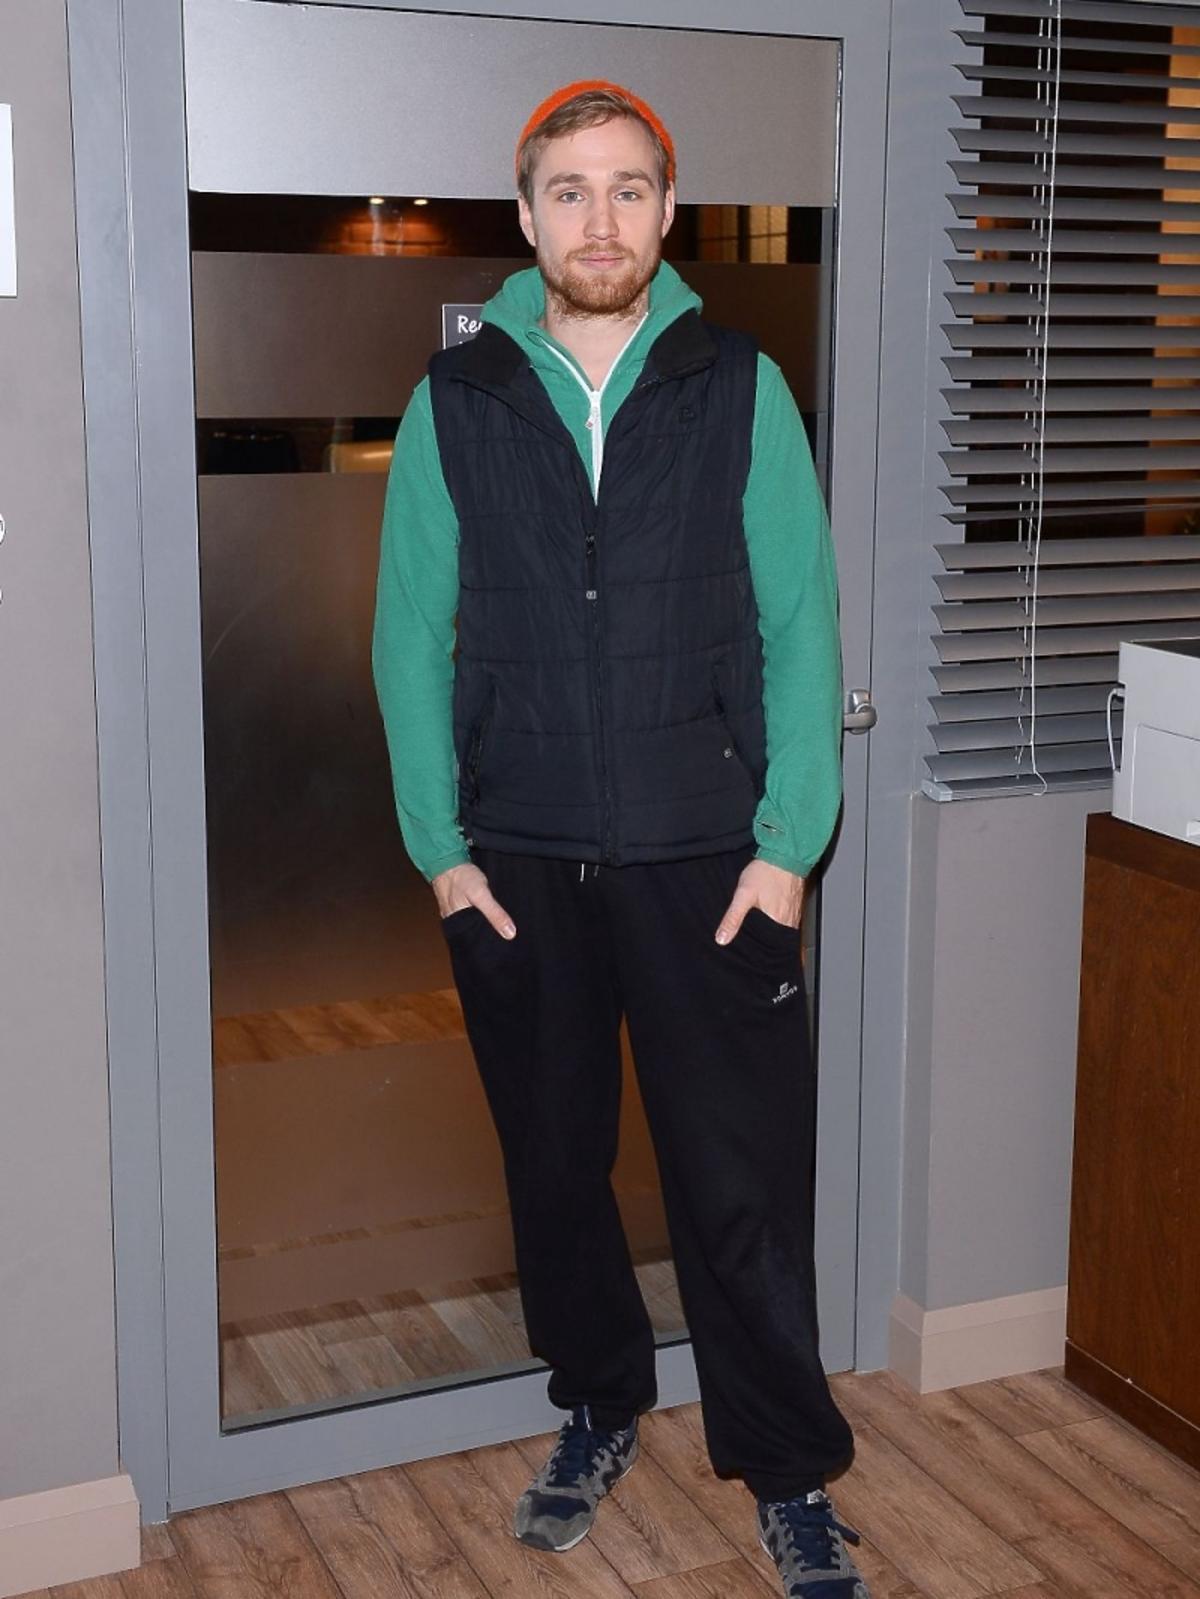 Mateusz Janicki w zielonej bluzie i czapce na planie serialu Singielka